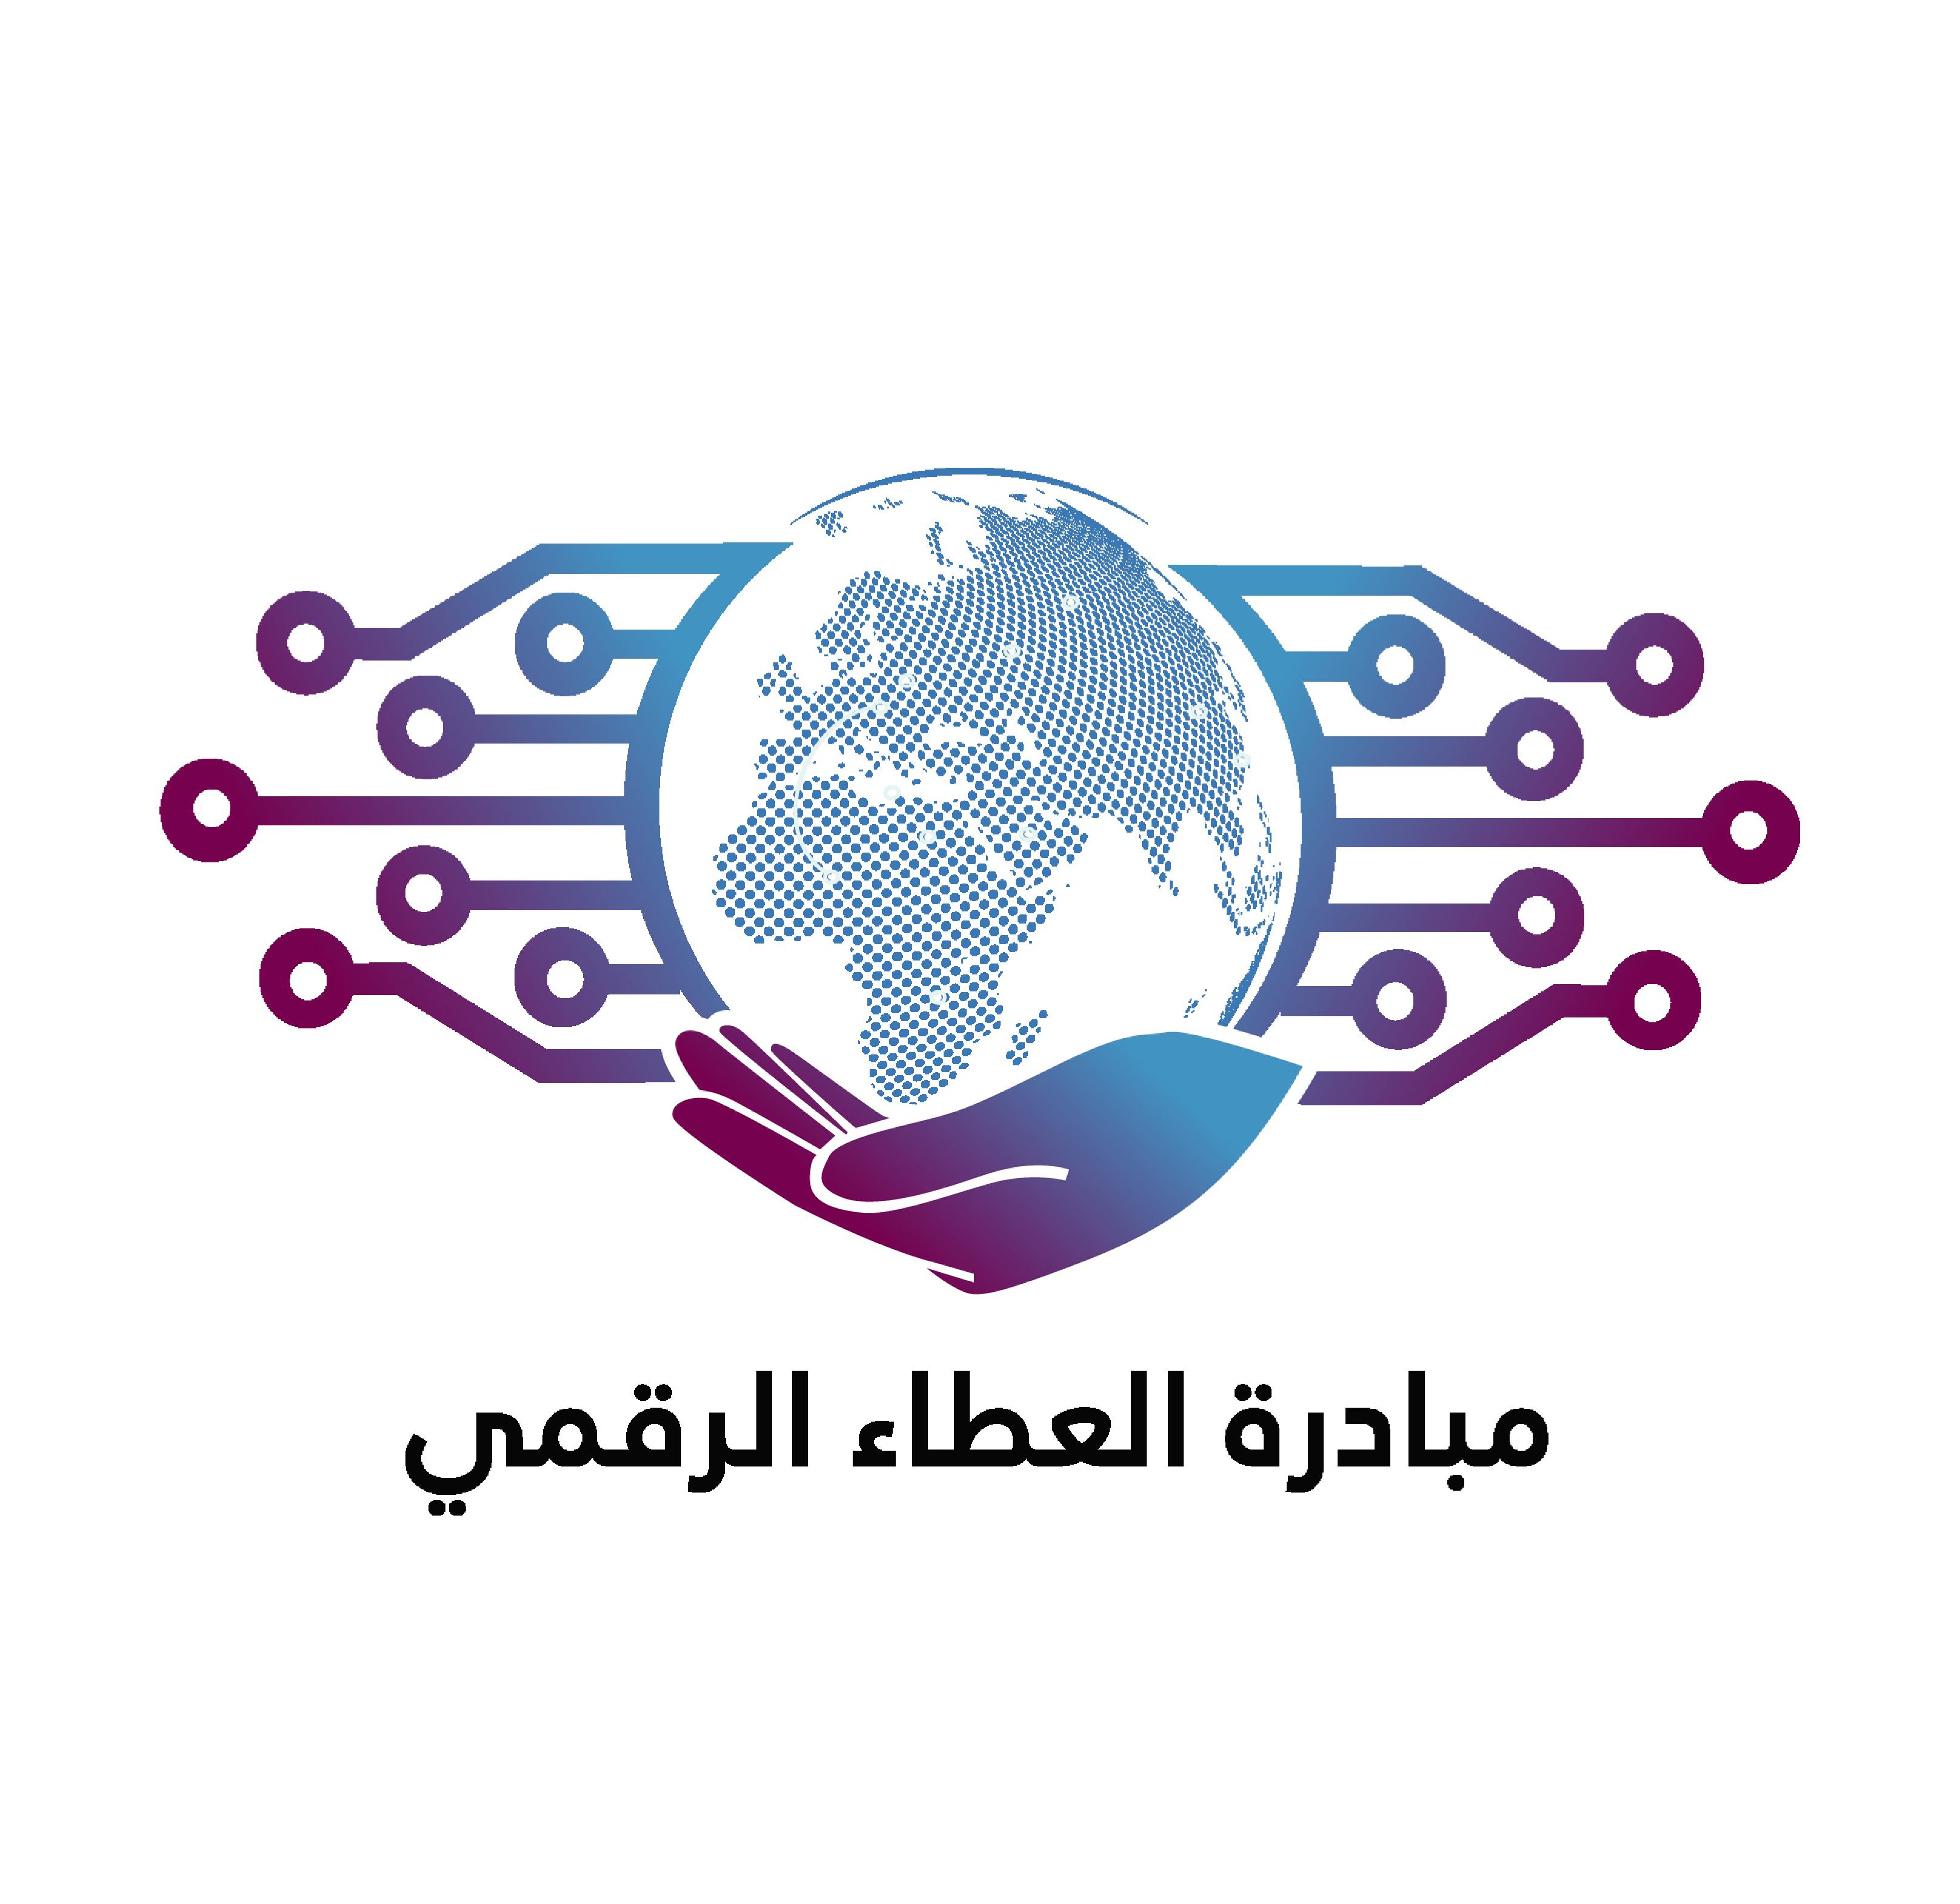 اللقاء الثاني لرابطة نساء الشرق الأوسط في الأمن السيبراني - فرع السعودية، بعنوان (المرأة وطن .. وأمان في كل قطاع)